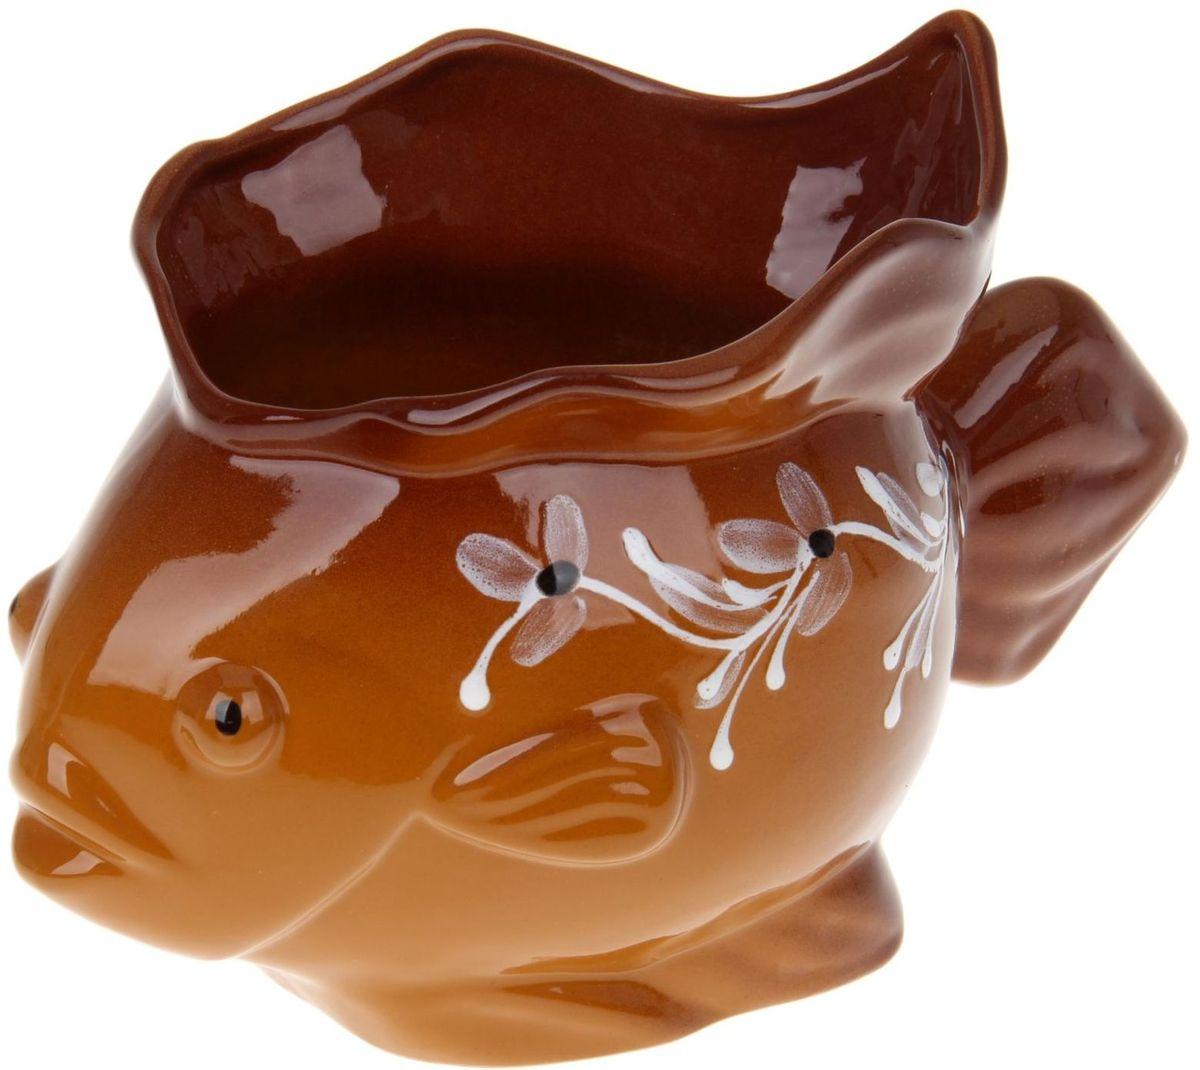 Ваза Псковский гончар Рыбка, 20 х 15 см1228196Изящная ваза Псковский гончар Рыбка изготовлена из надёжной керамики, встанет во главу стола и, конечно, исполнит три желания: создаст уют, послужит поводом для начала увлекательной беседы, сохранит цветы или фруткы свежими.Глиняная посуда обладает способностью вытягивать из людей негативную отрицательную энергию и наполнять той, которую она получила за долгие века, а то и тысячелетия от солнца, воздуха, воды, земли. Побалуйте себя необычными деталями интерьера от Псковского гончара.